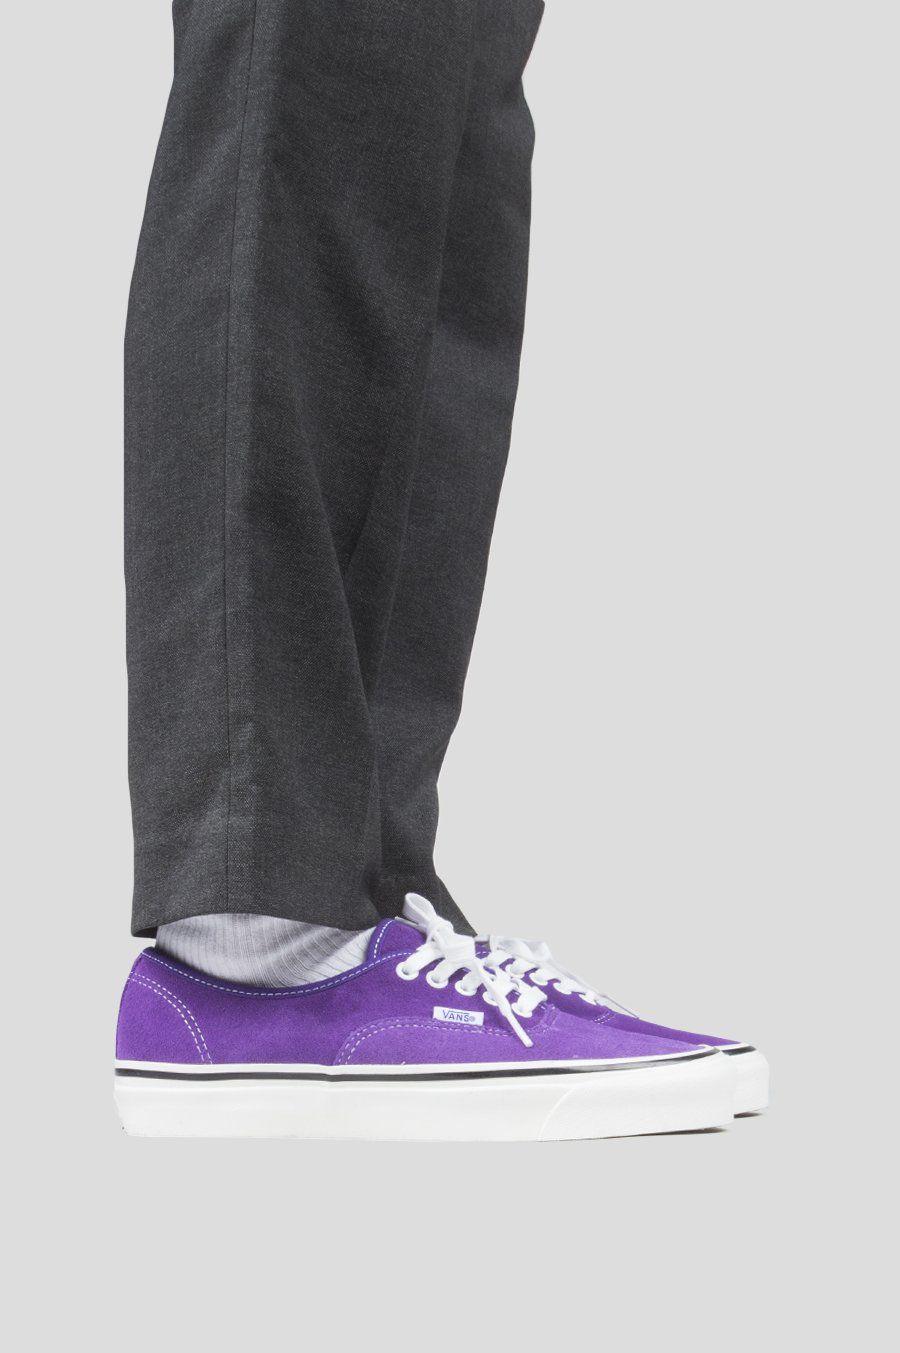 19cf0d48c30937 Vans authentic 44 dx anaheim factory og bright purple